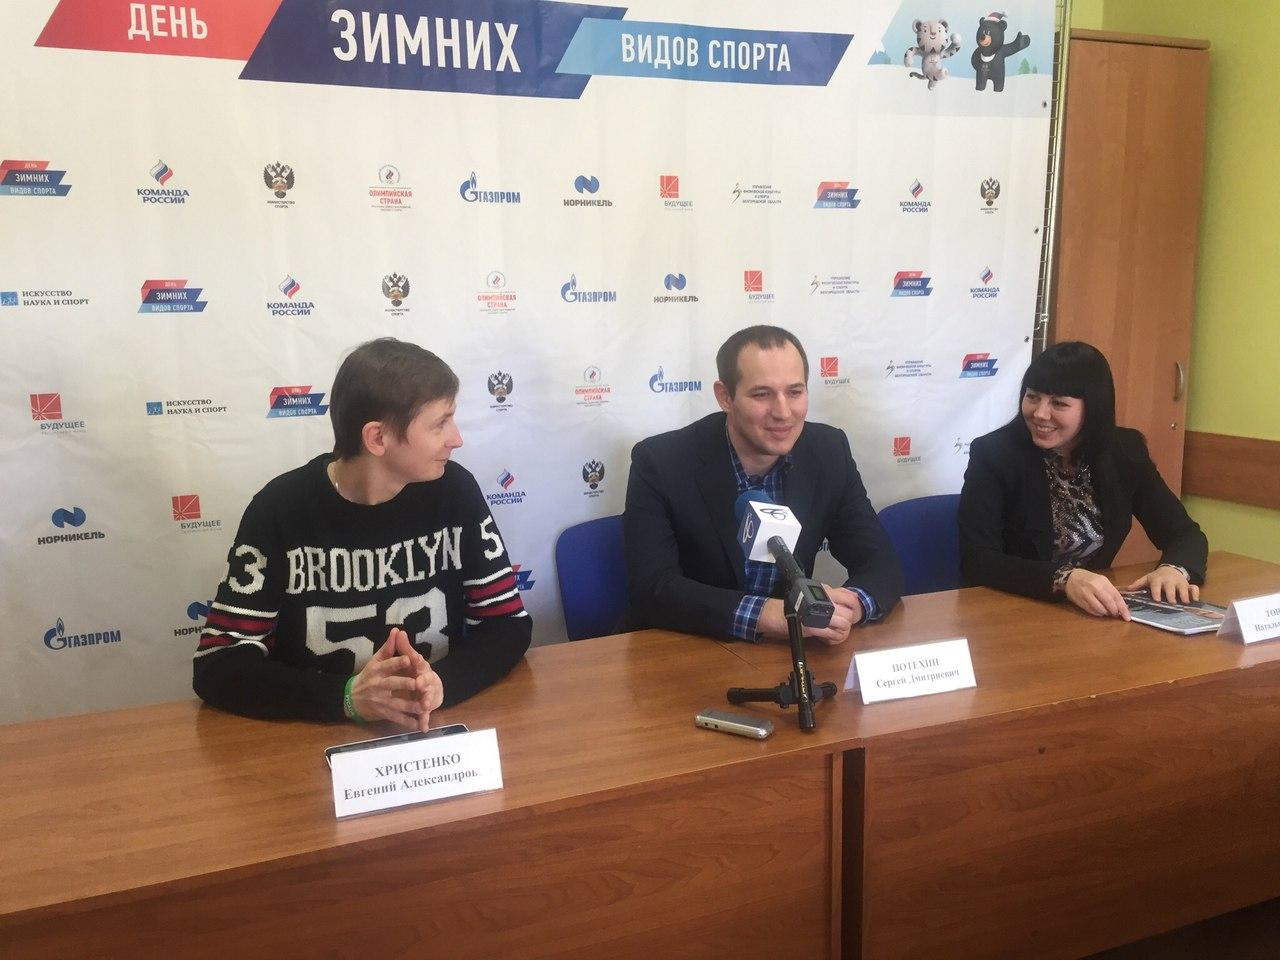 Новости Харькова 2017 Последние новости Харькова и